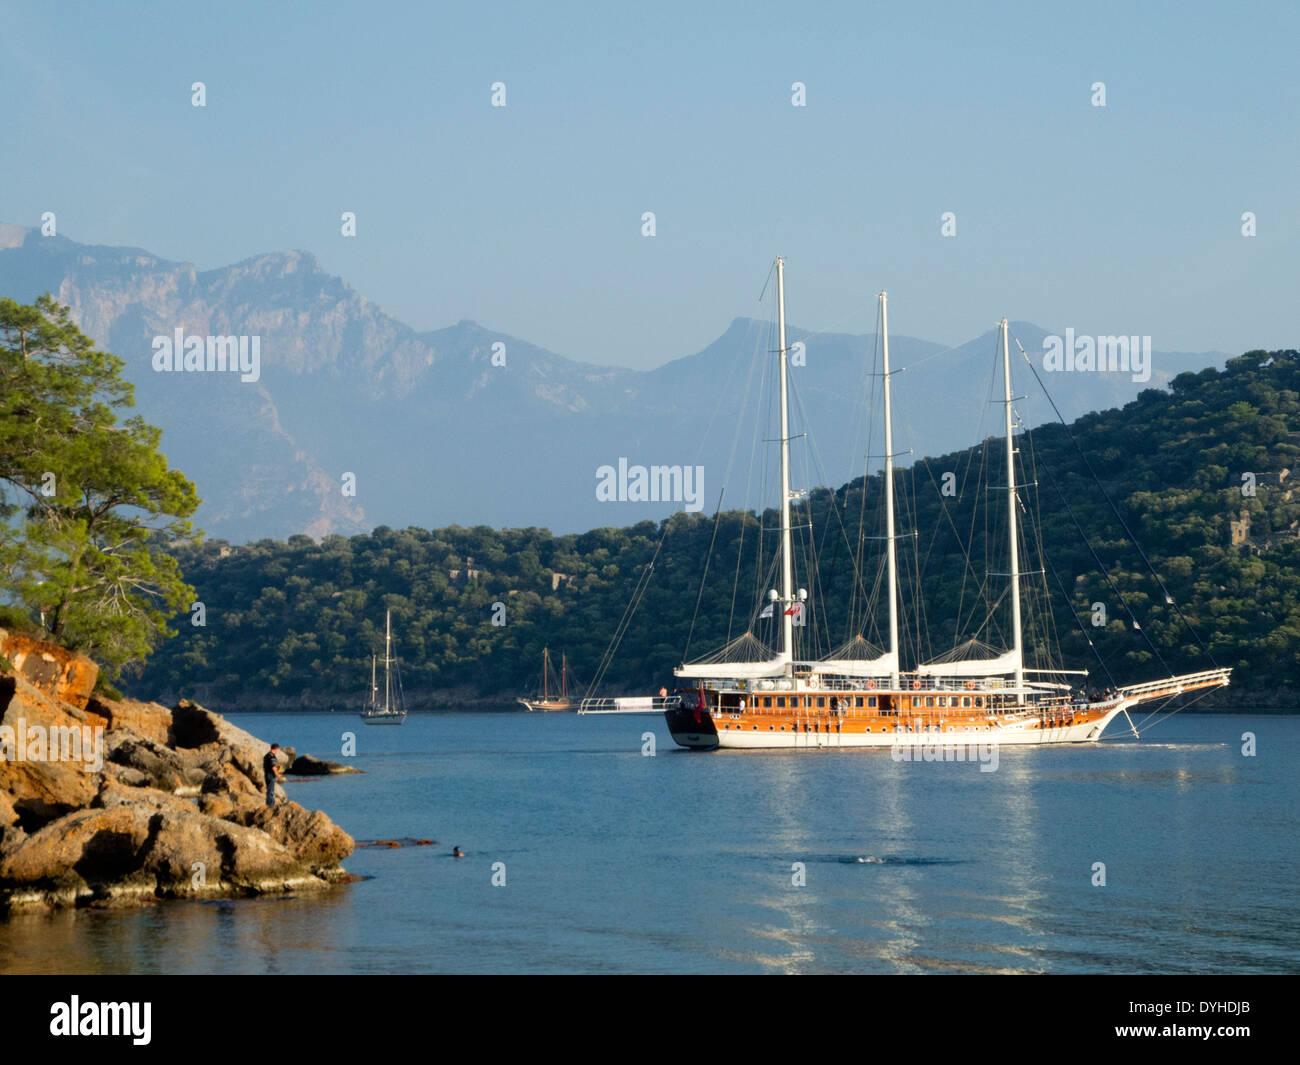 Türkei, Provinz Mugla, Fethiye, Ölü Deniz, Gemile Koyu (Gemile Bucht) gegenüber der Insel Gemiler - Stock Image